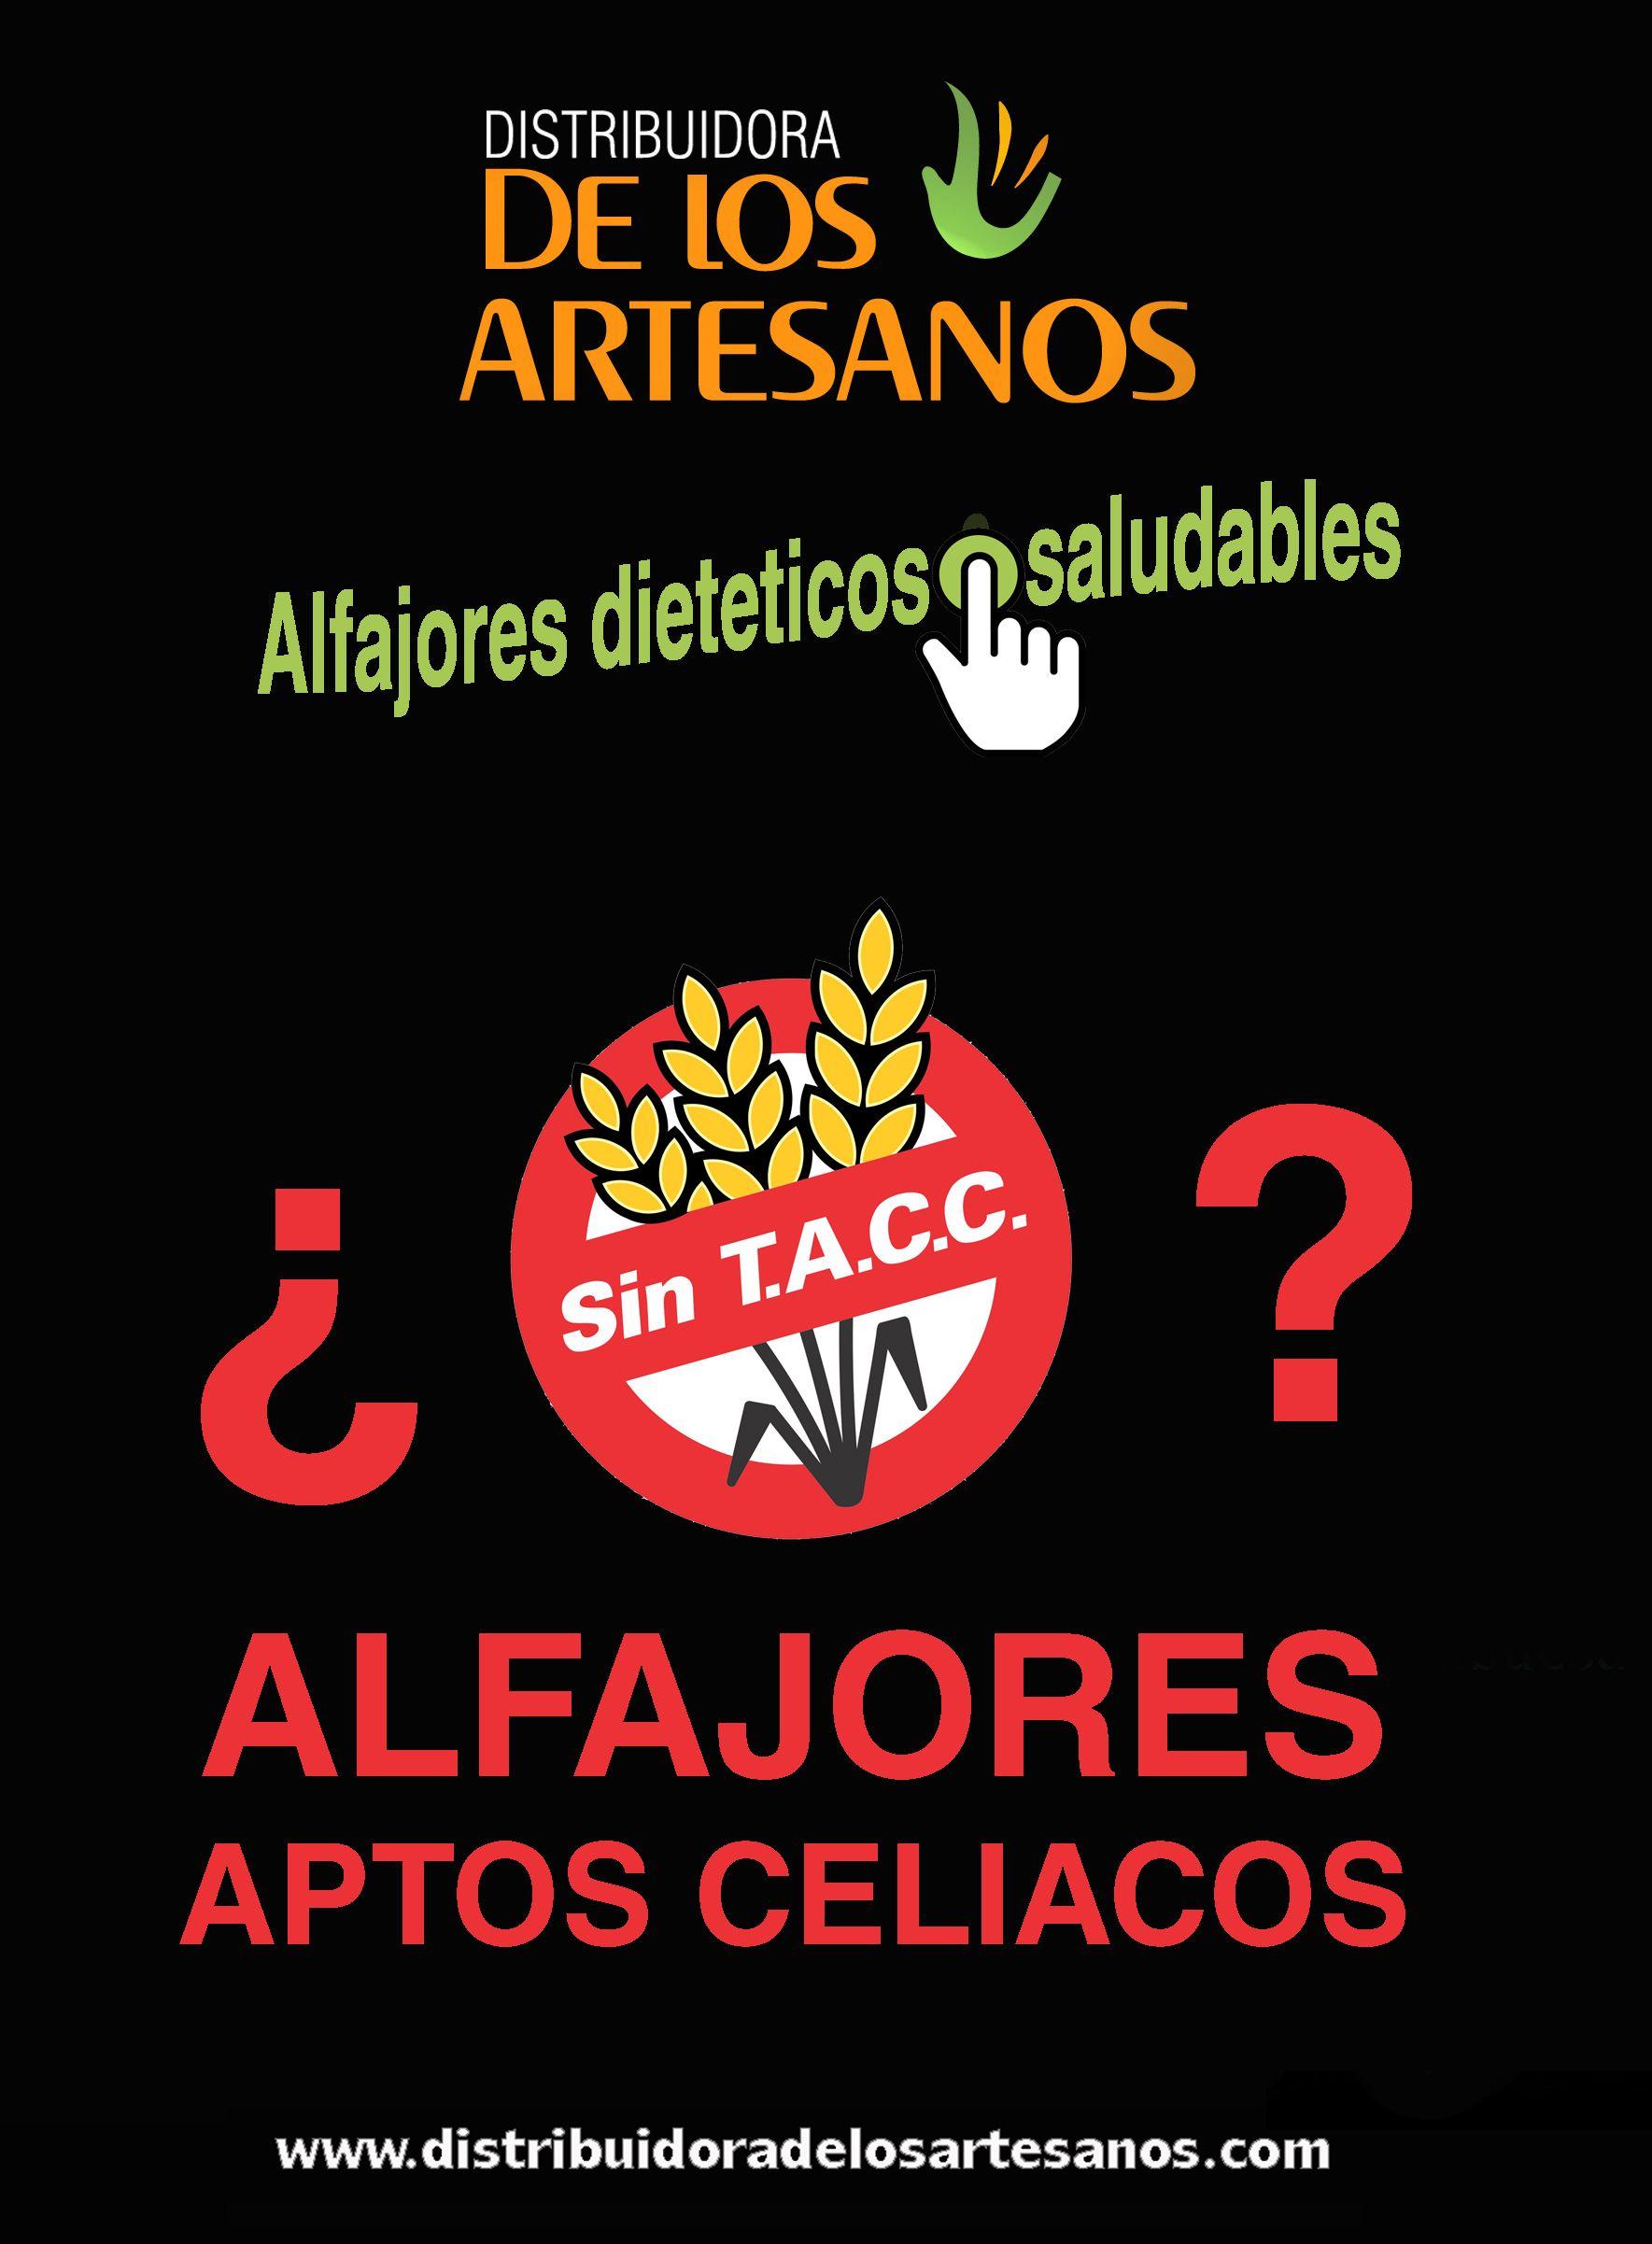 Alfajores Aptos Celiacos De Los Artesanos Toda La Linea Al Por Mayor Envios A Todo El Pais Artesanos Alfajores Venta Al Por Mayor